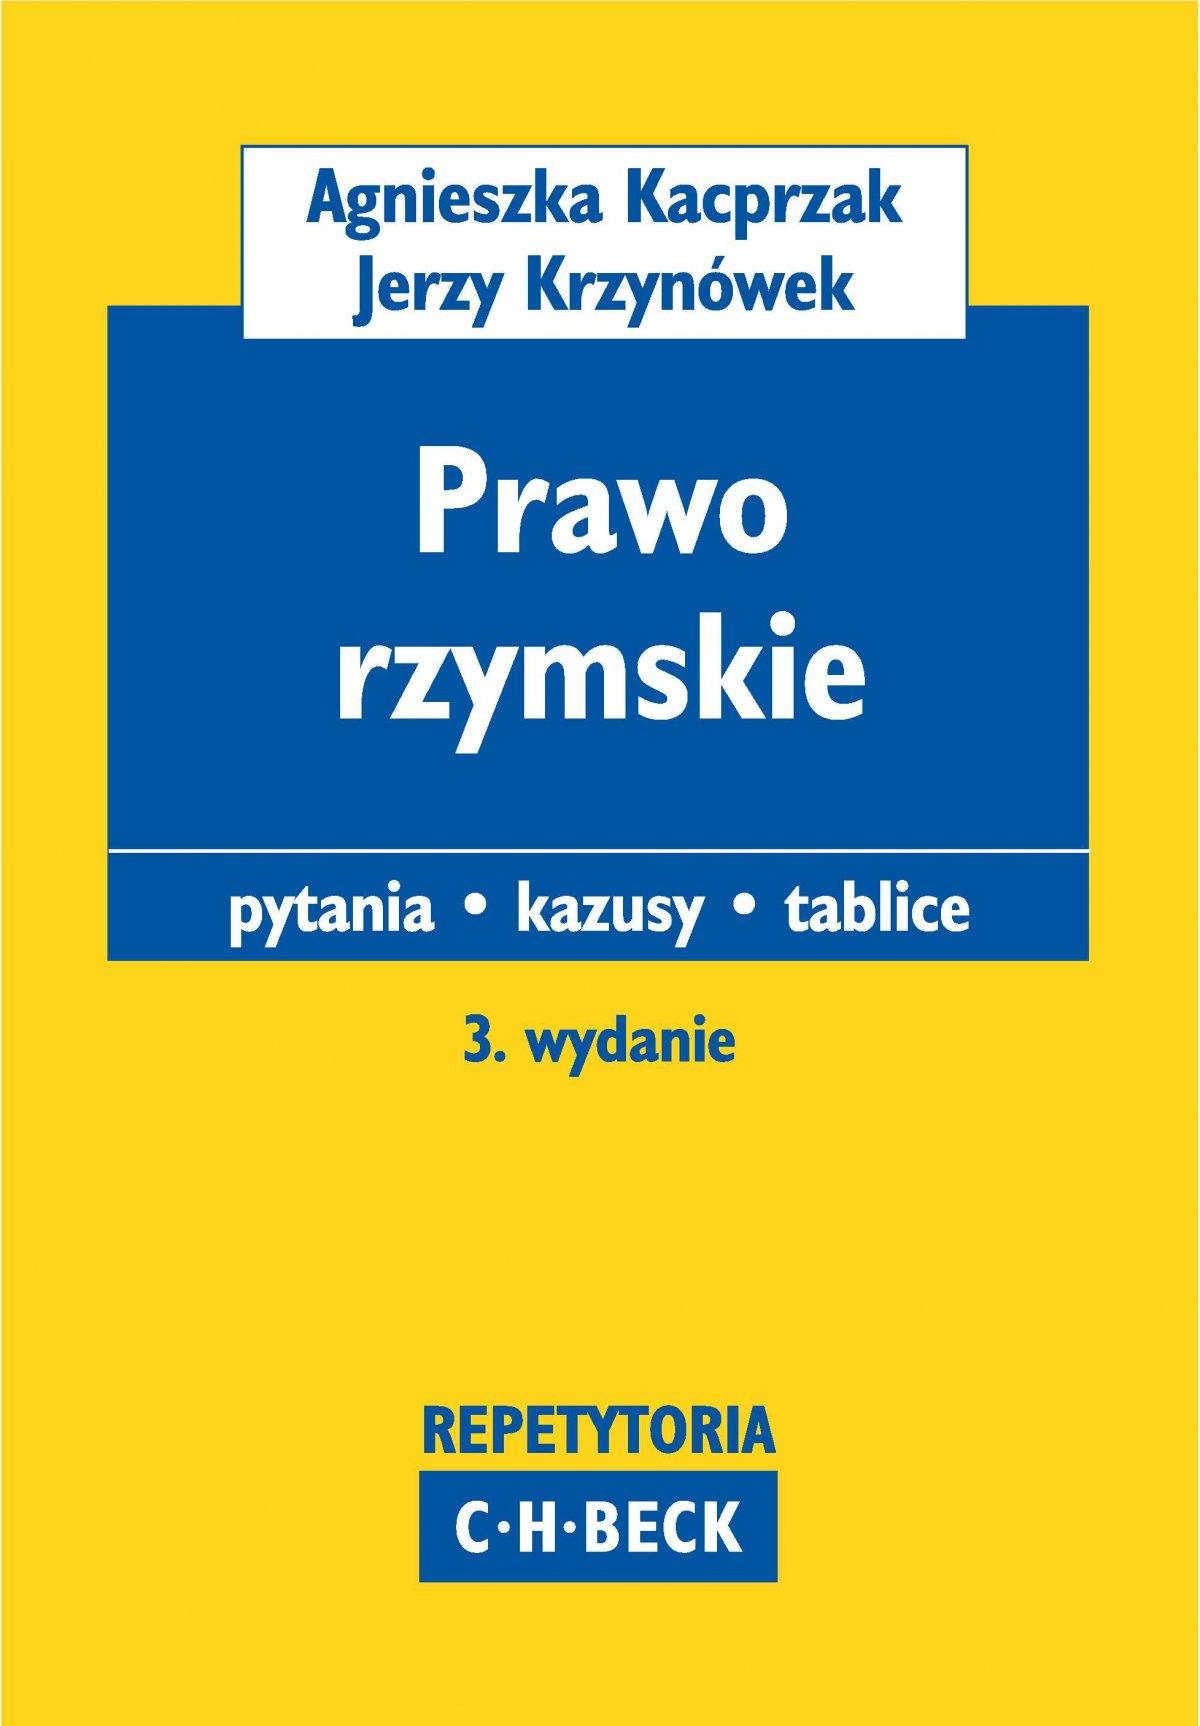 Prawo rzymskie Pytania. Kazusy. Tablice - Ebook (Książka PDF) do pobrania w formacie PDF